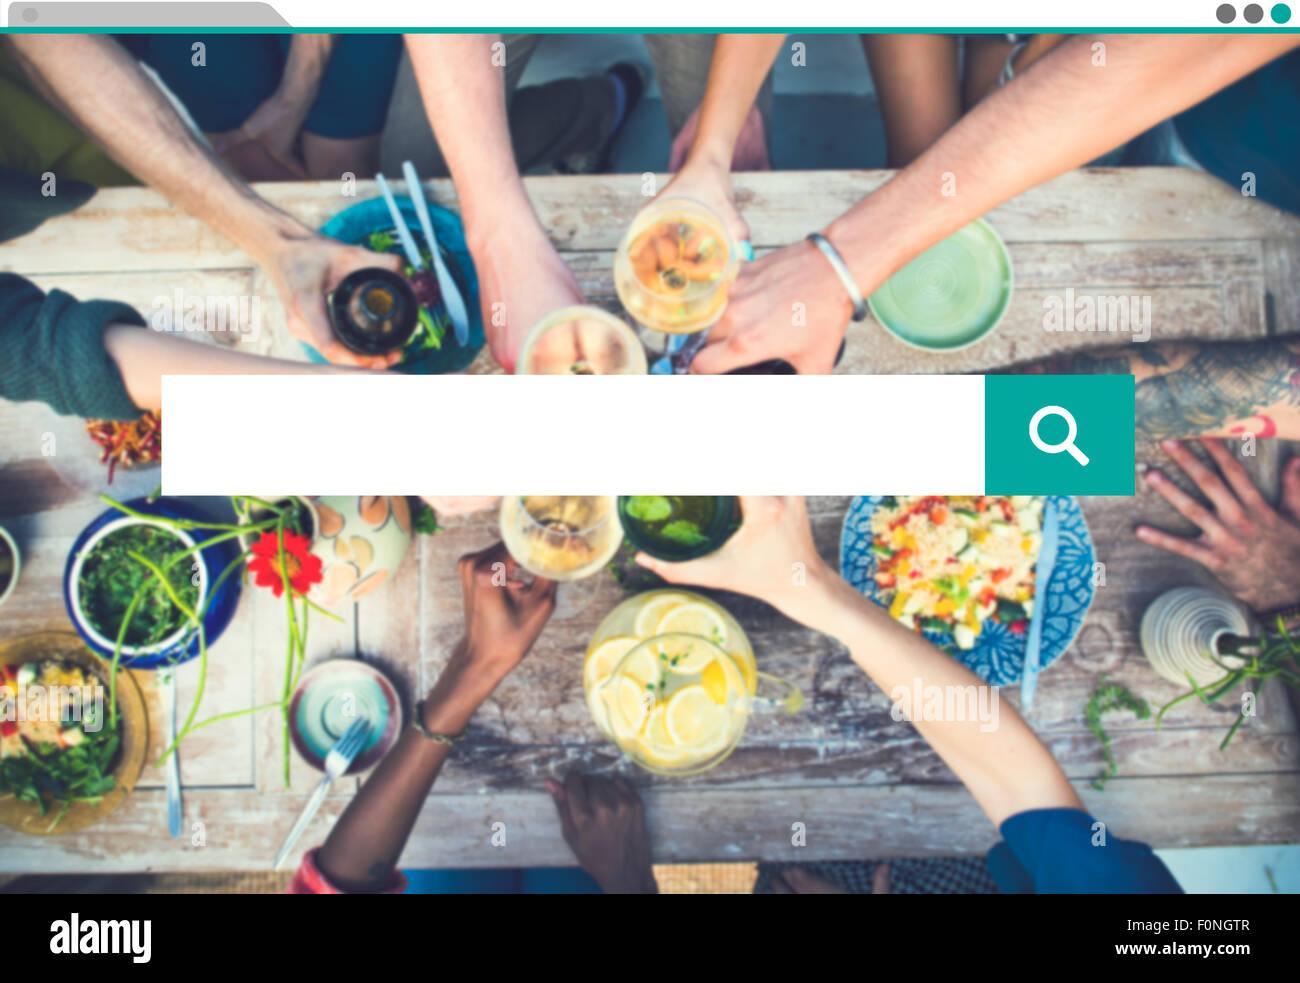 Búsqueda la búsqueda de información concepto de acceso compartido a Internet Imagen De Stock